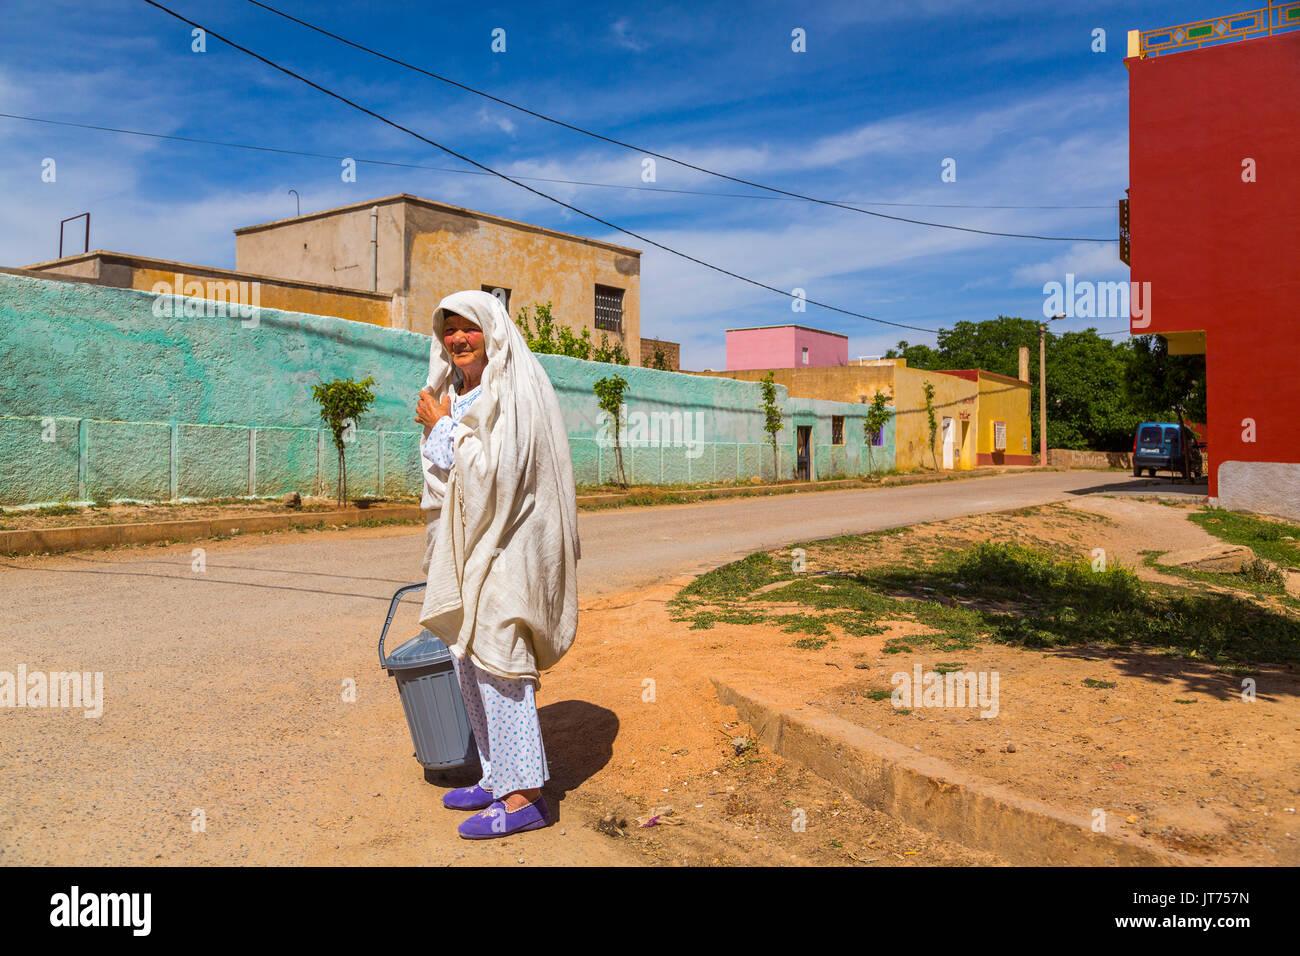 Bhalil, mujer en vestido blanco que cubre su cabeza. Marruecos, Magreb, África del Norte Imagen De Stock